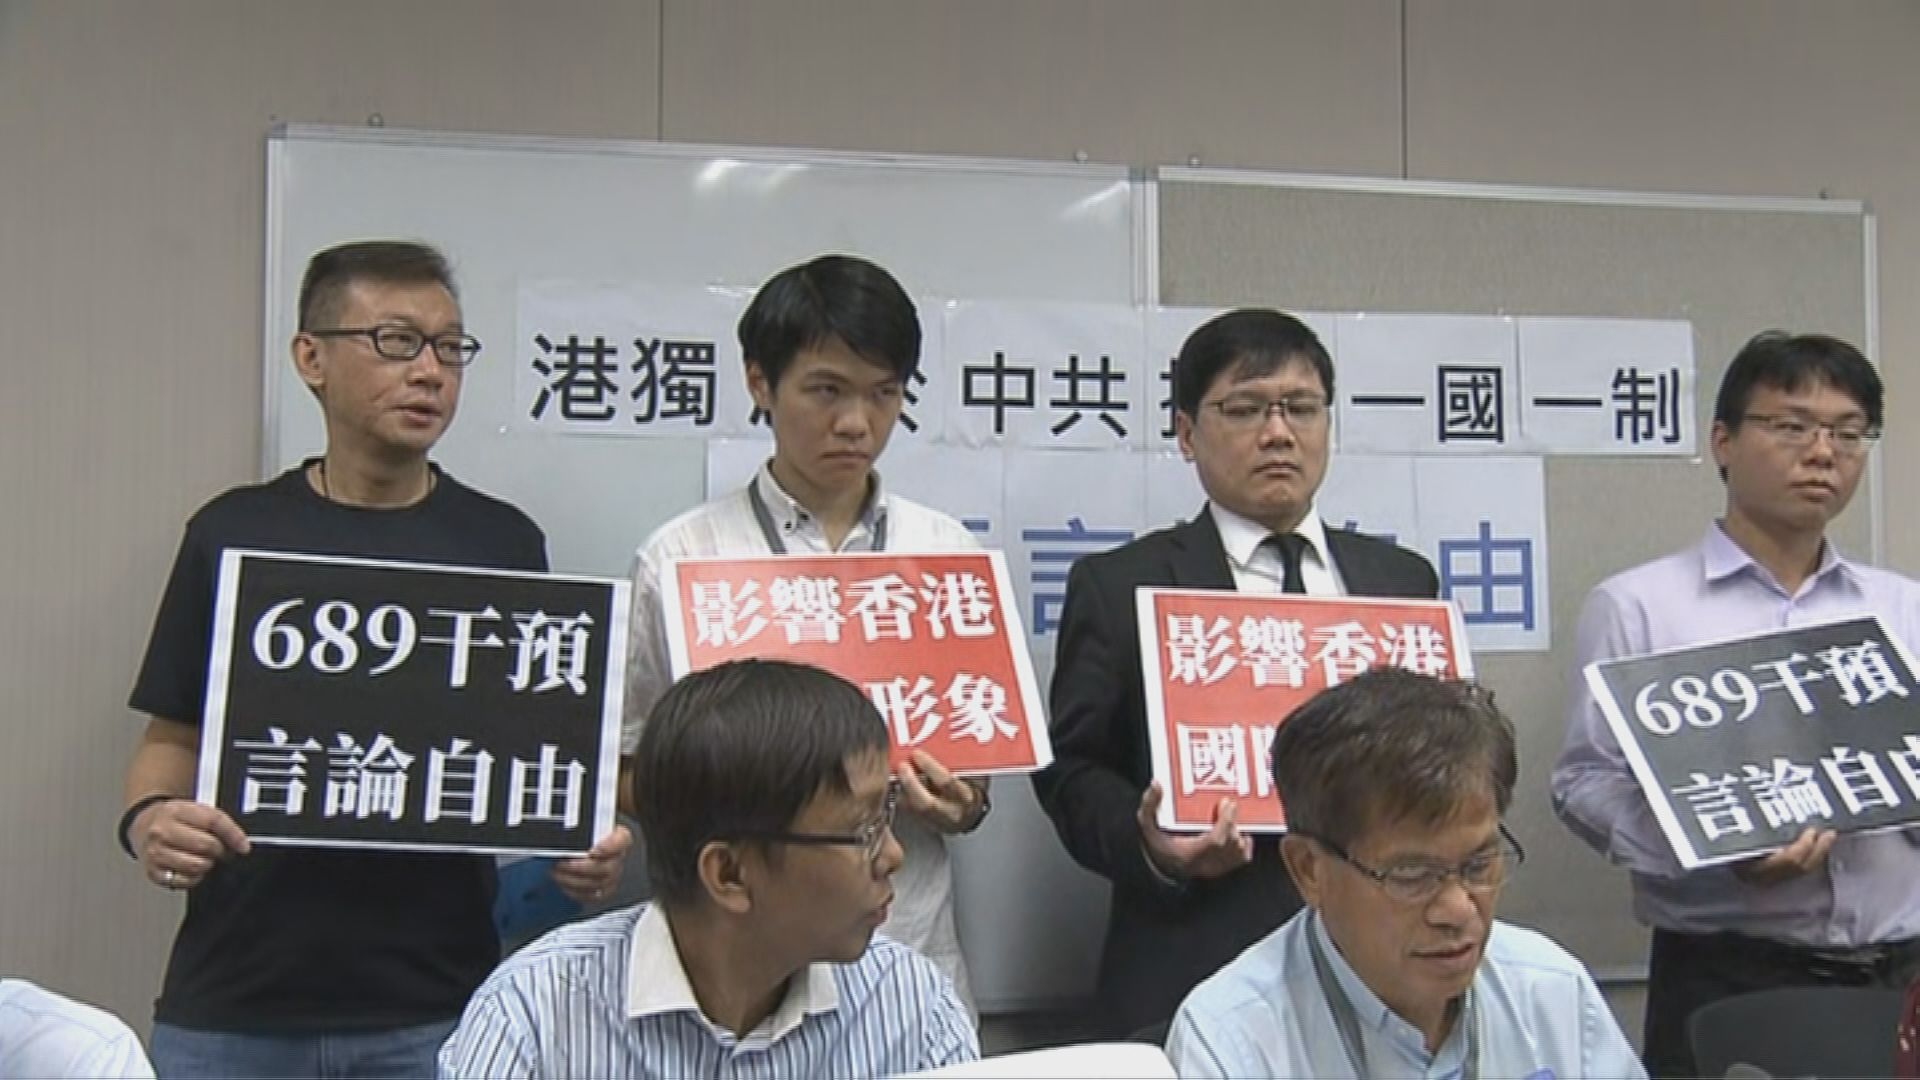 多個團體聯署促林鄭捍衞言論自由